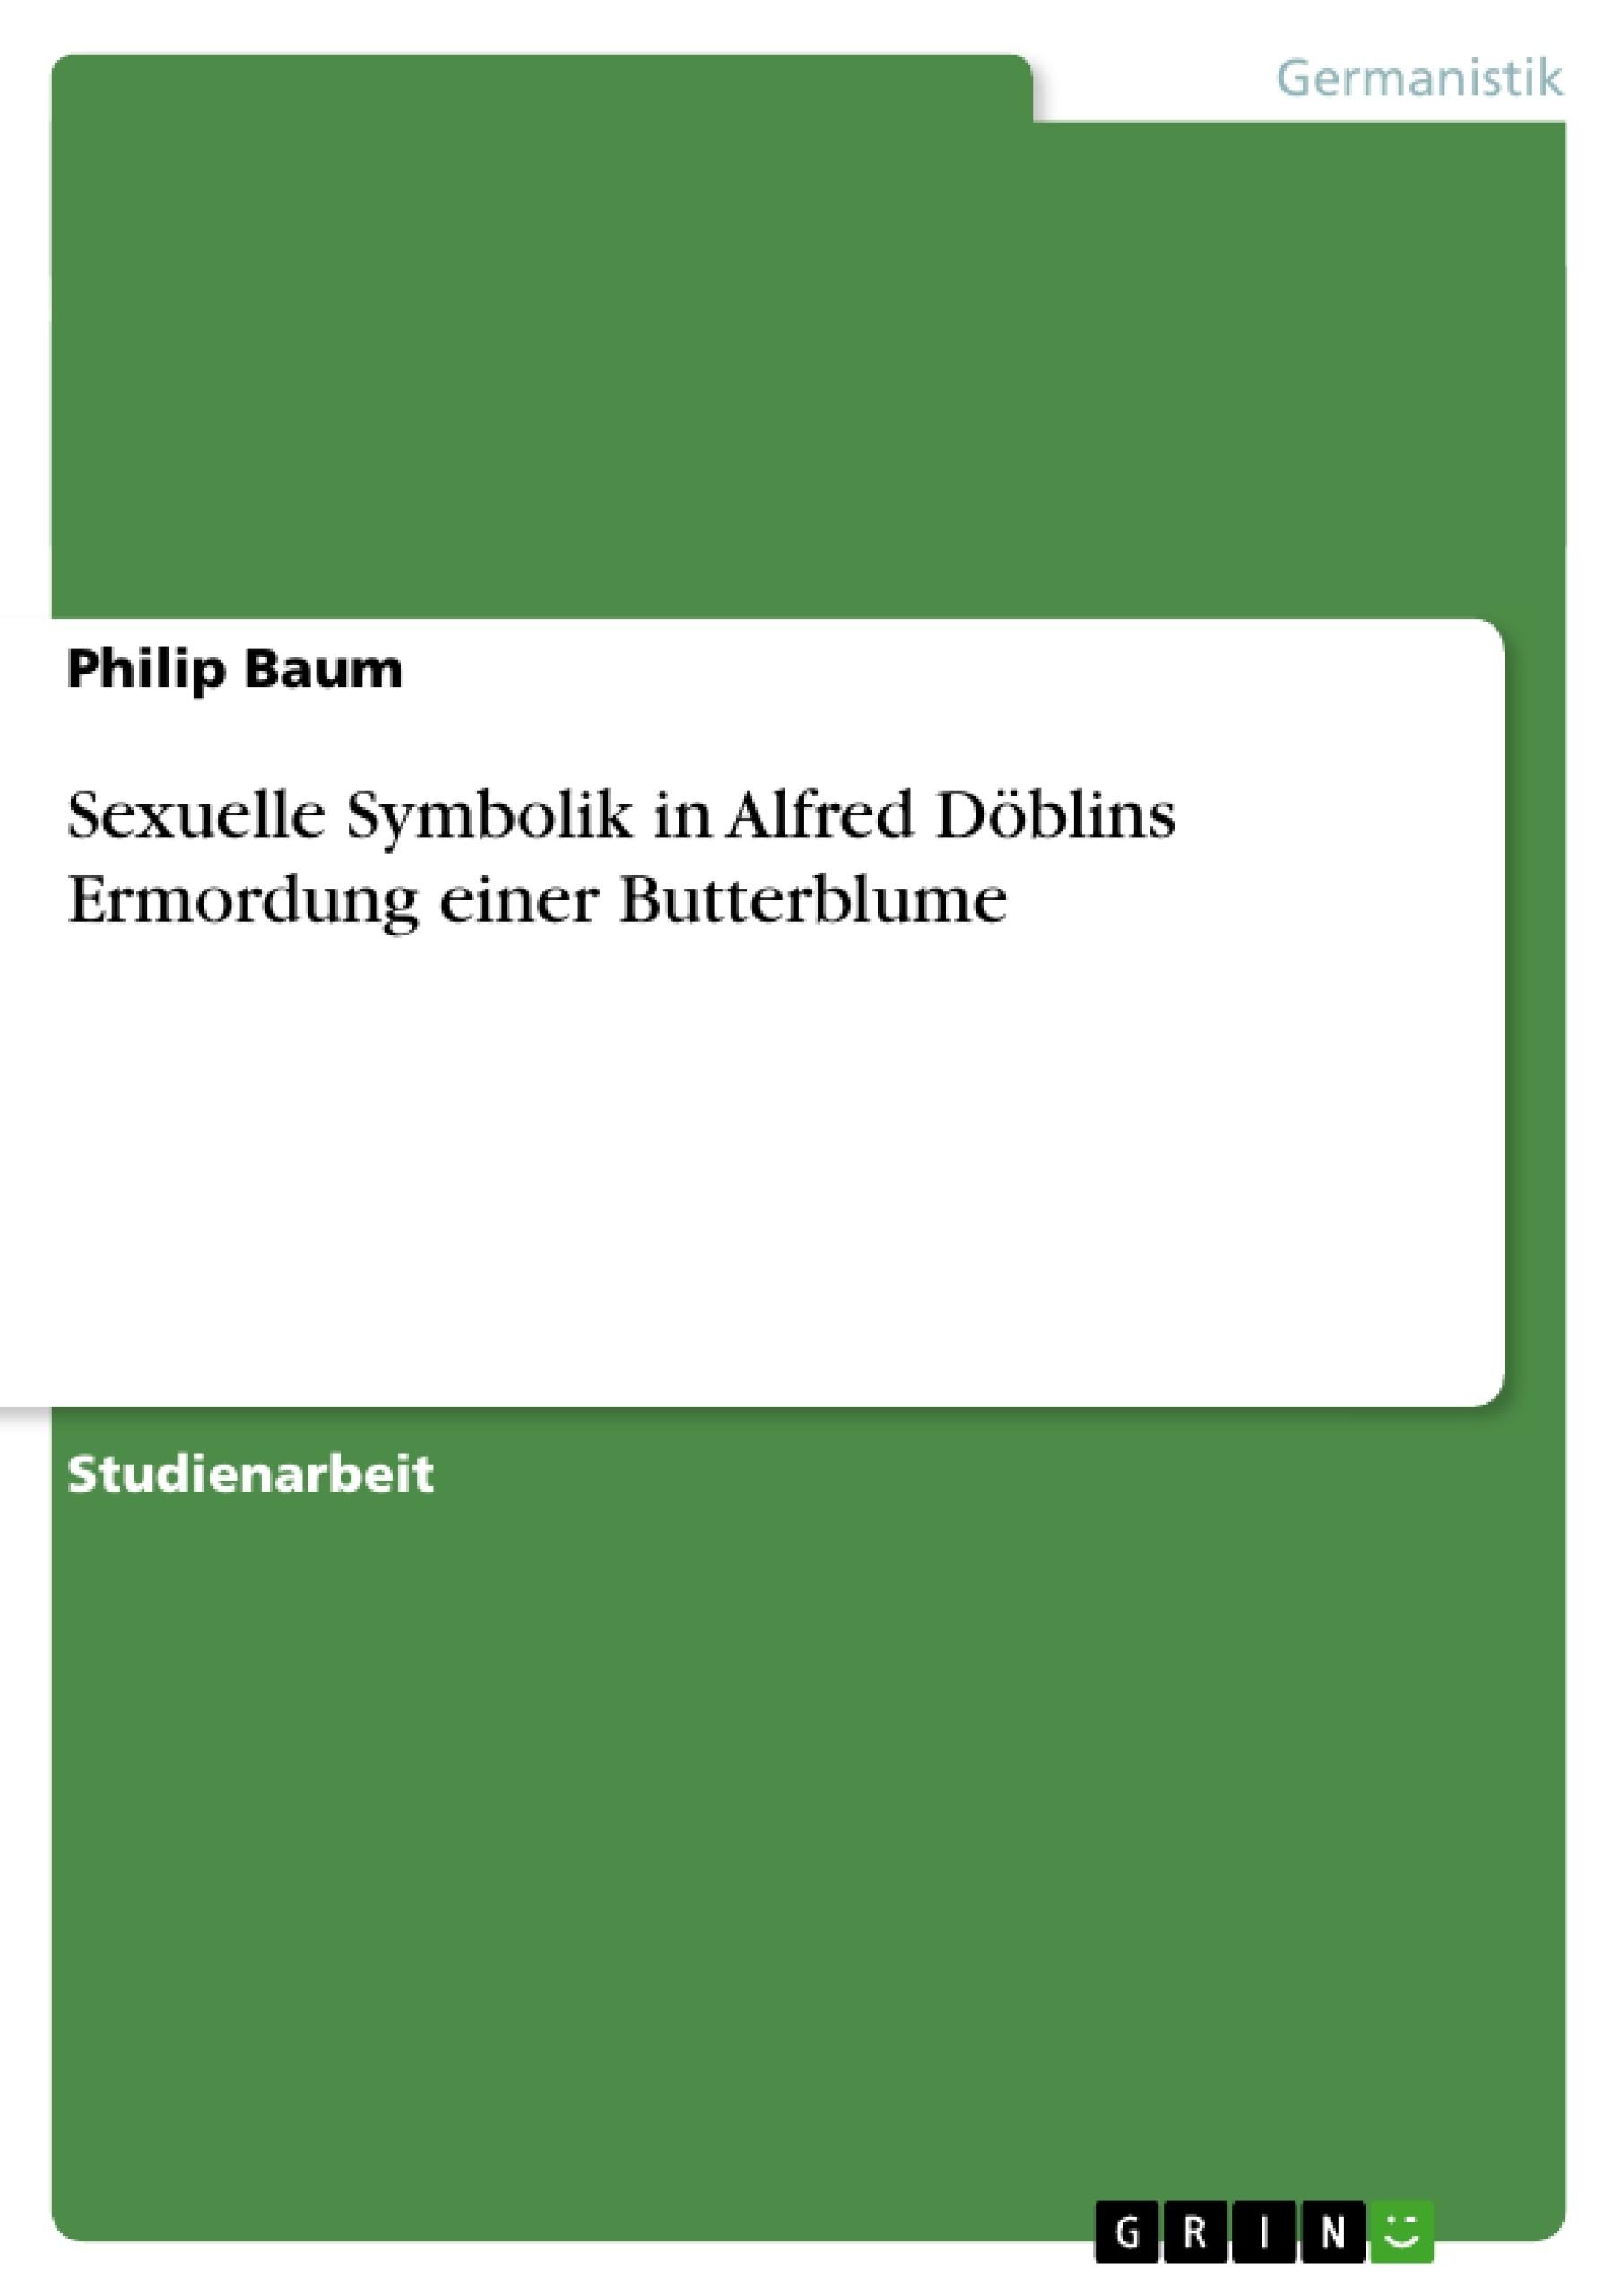 Titel: Sexuelle Symbolik in Alfred Döblins Ermordung einer Butterblume